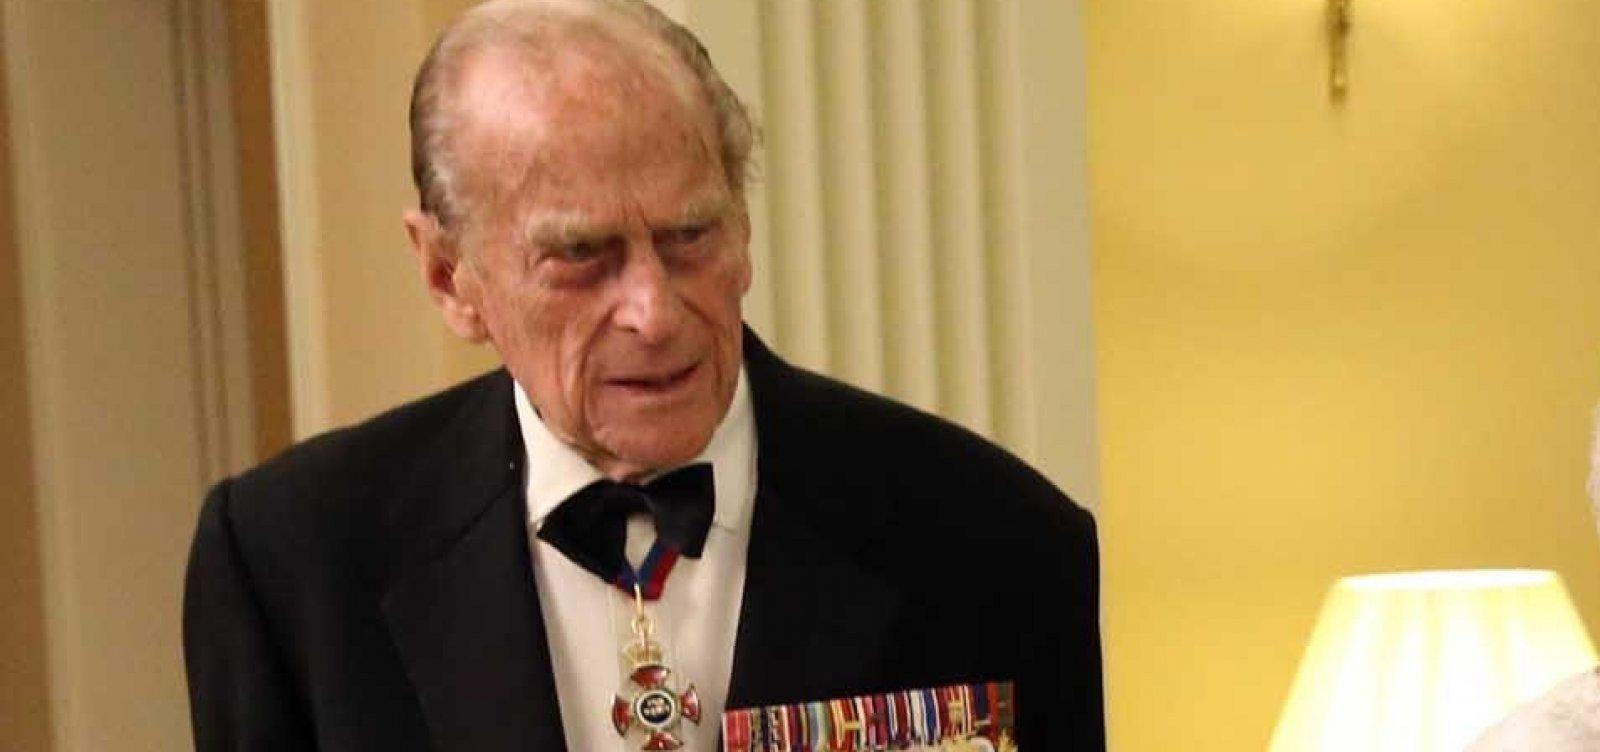 Príncipe Philip, é internado por 'medida de precaução' após se sentir mal